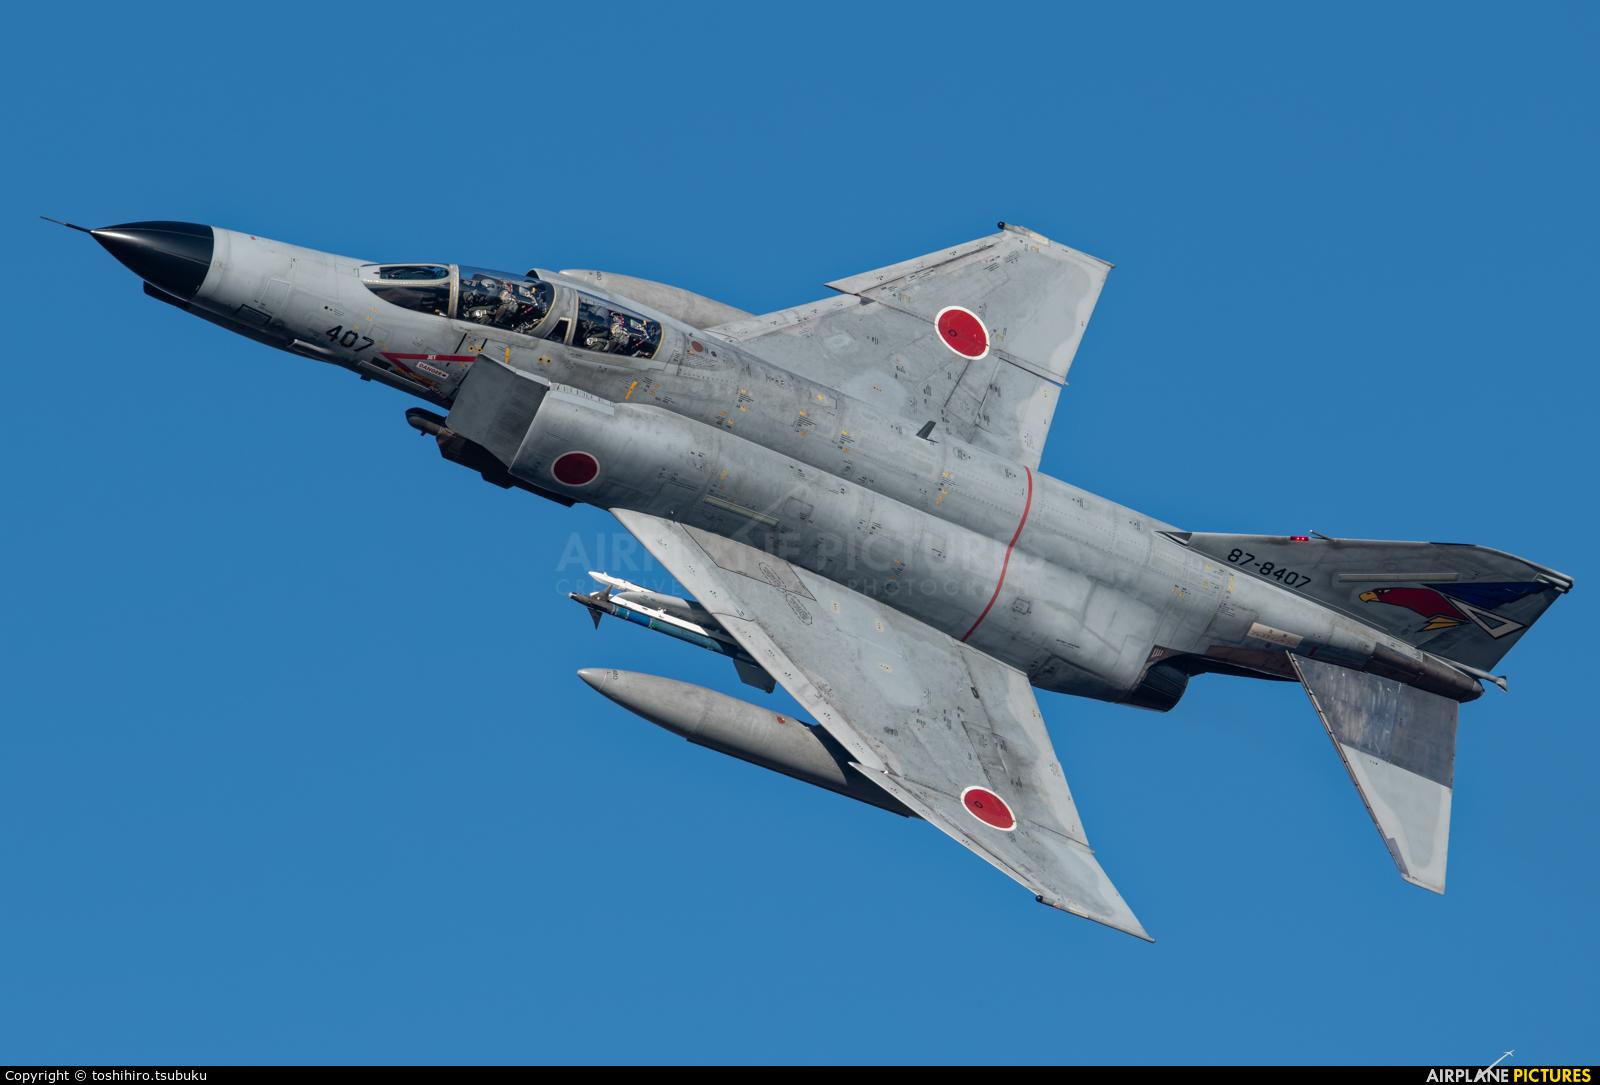 Japan - Air Self Defence Force 87-8407 aircraft at Ibaraki - Hyakuri AB